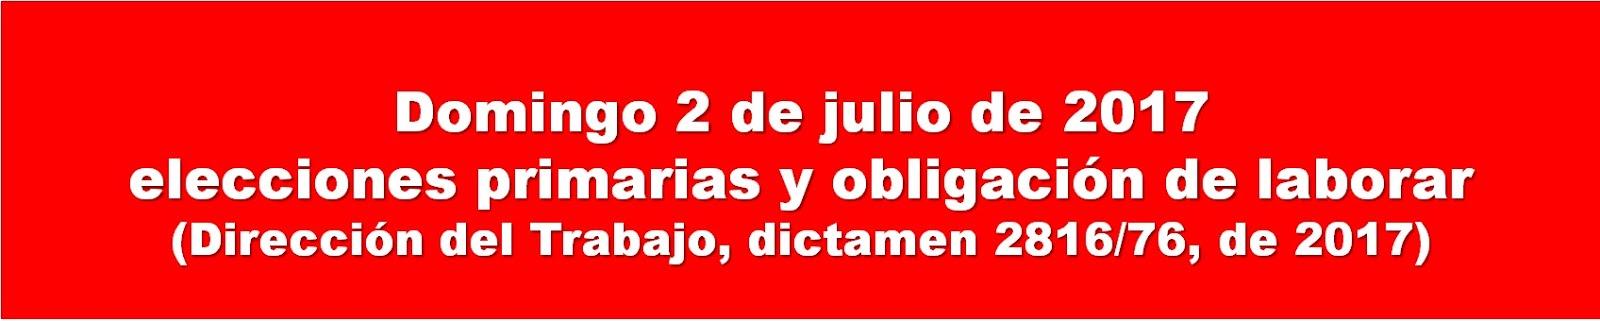 ELECCIONES PRIMARIAS DE 2 DE JULIO Y OBLIGACIÓN DE LABORAR.